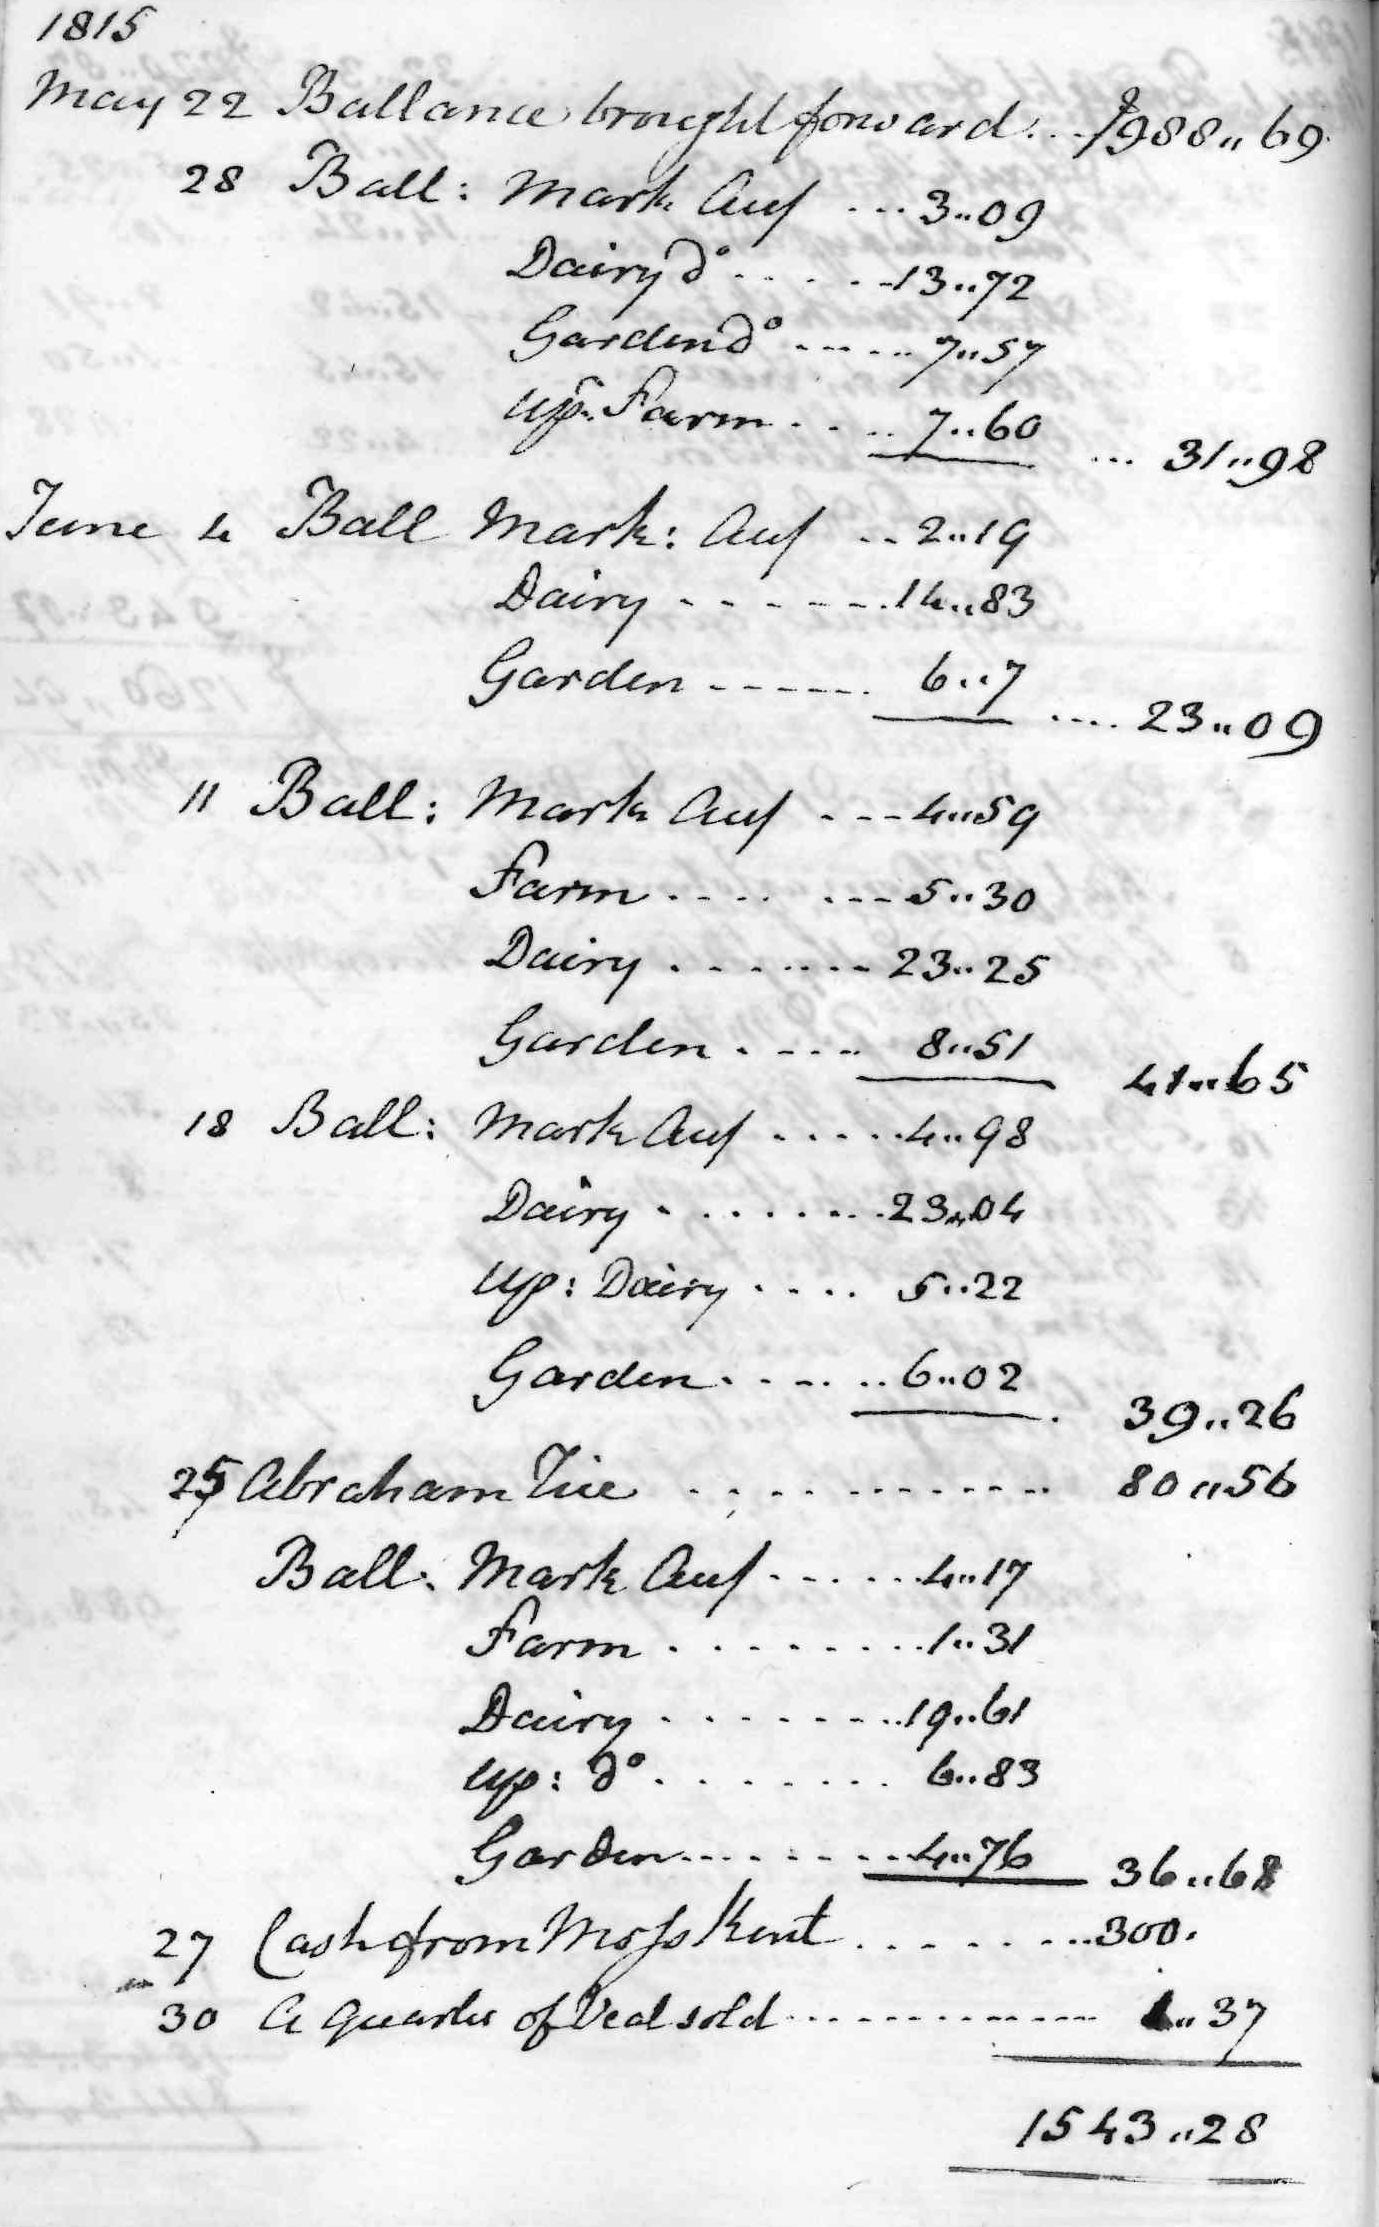 Gouverneur Morris Cash Book, folio 42, left side